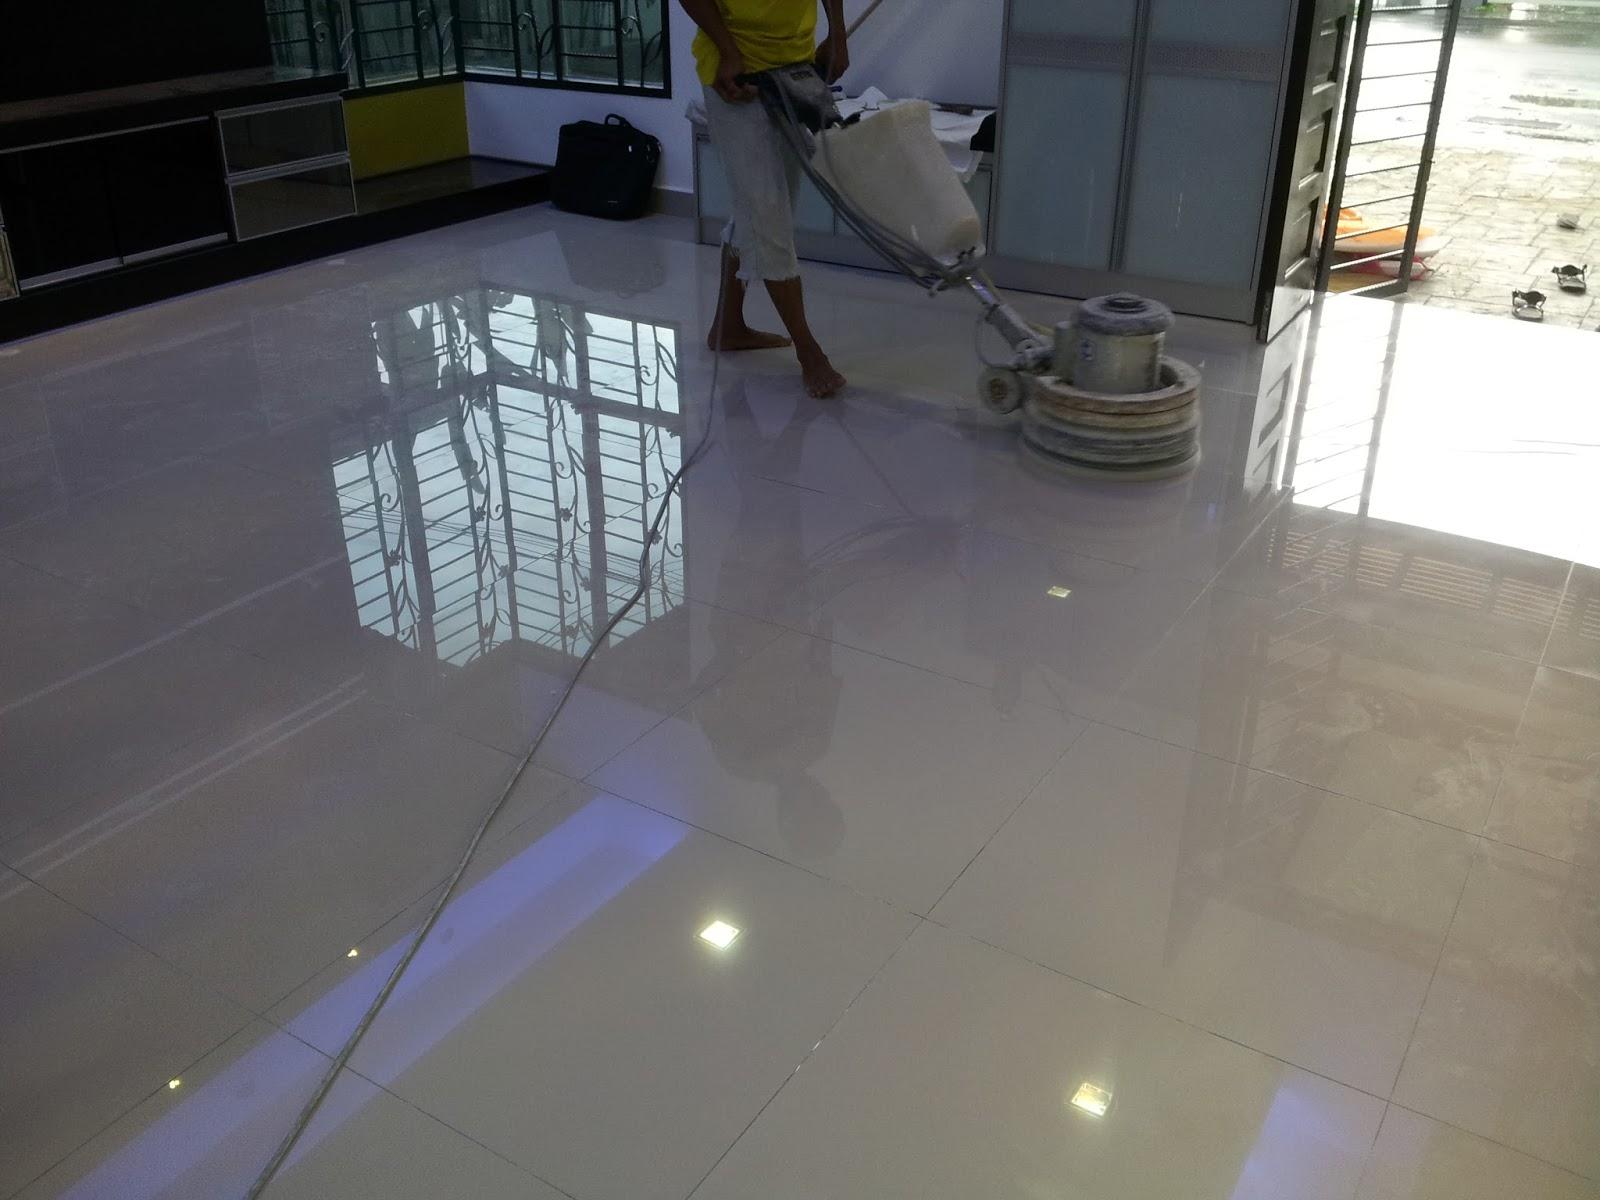 Jenis Lantai Termasuk Jubin Tile Marble Parquet Tarrazo Dan Juga Granite Perkhidmatan Yang Kami Sediakan Bukan Sahaja Untuk Mencuci Menggilap